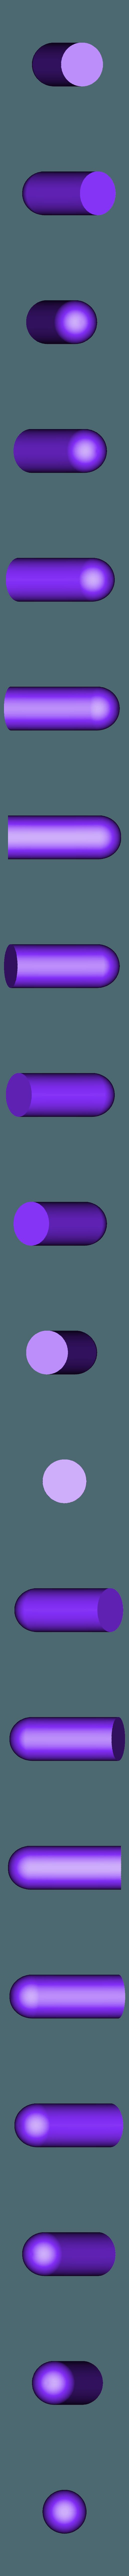 leg left black.stl Télécharger fichier STL gratuit Les filles de la poupée de fleurs • Plan pour impression 3D, Jangie